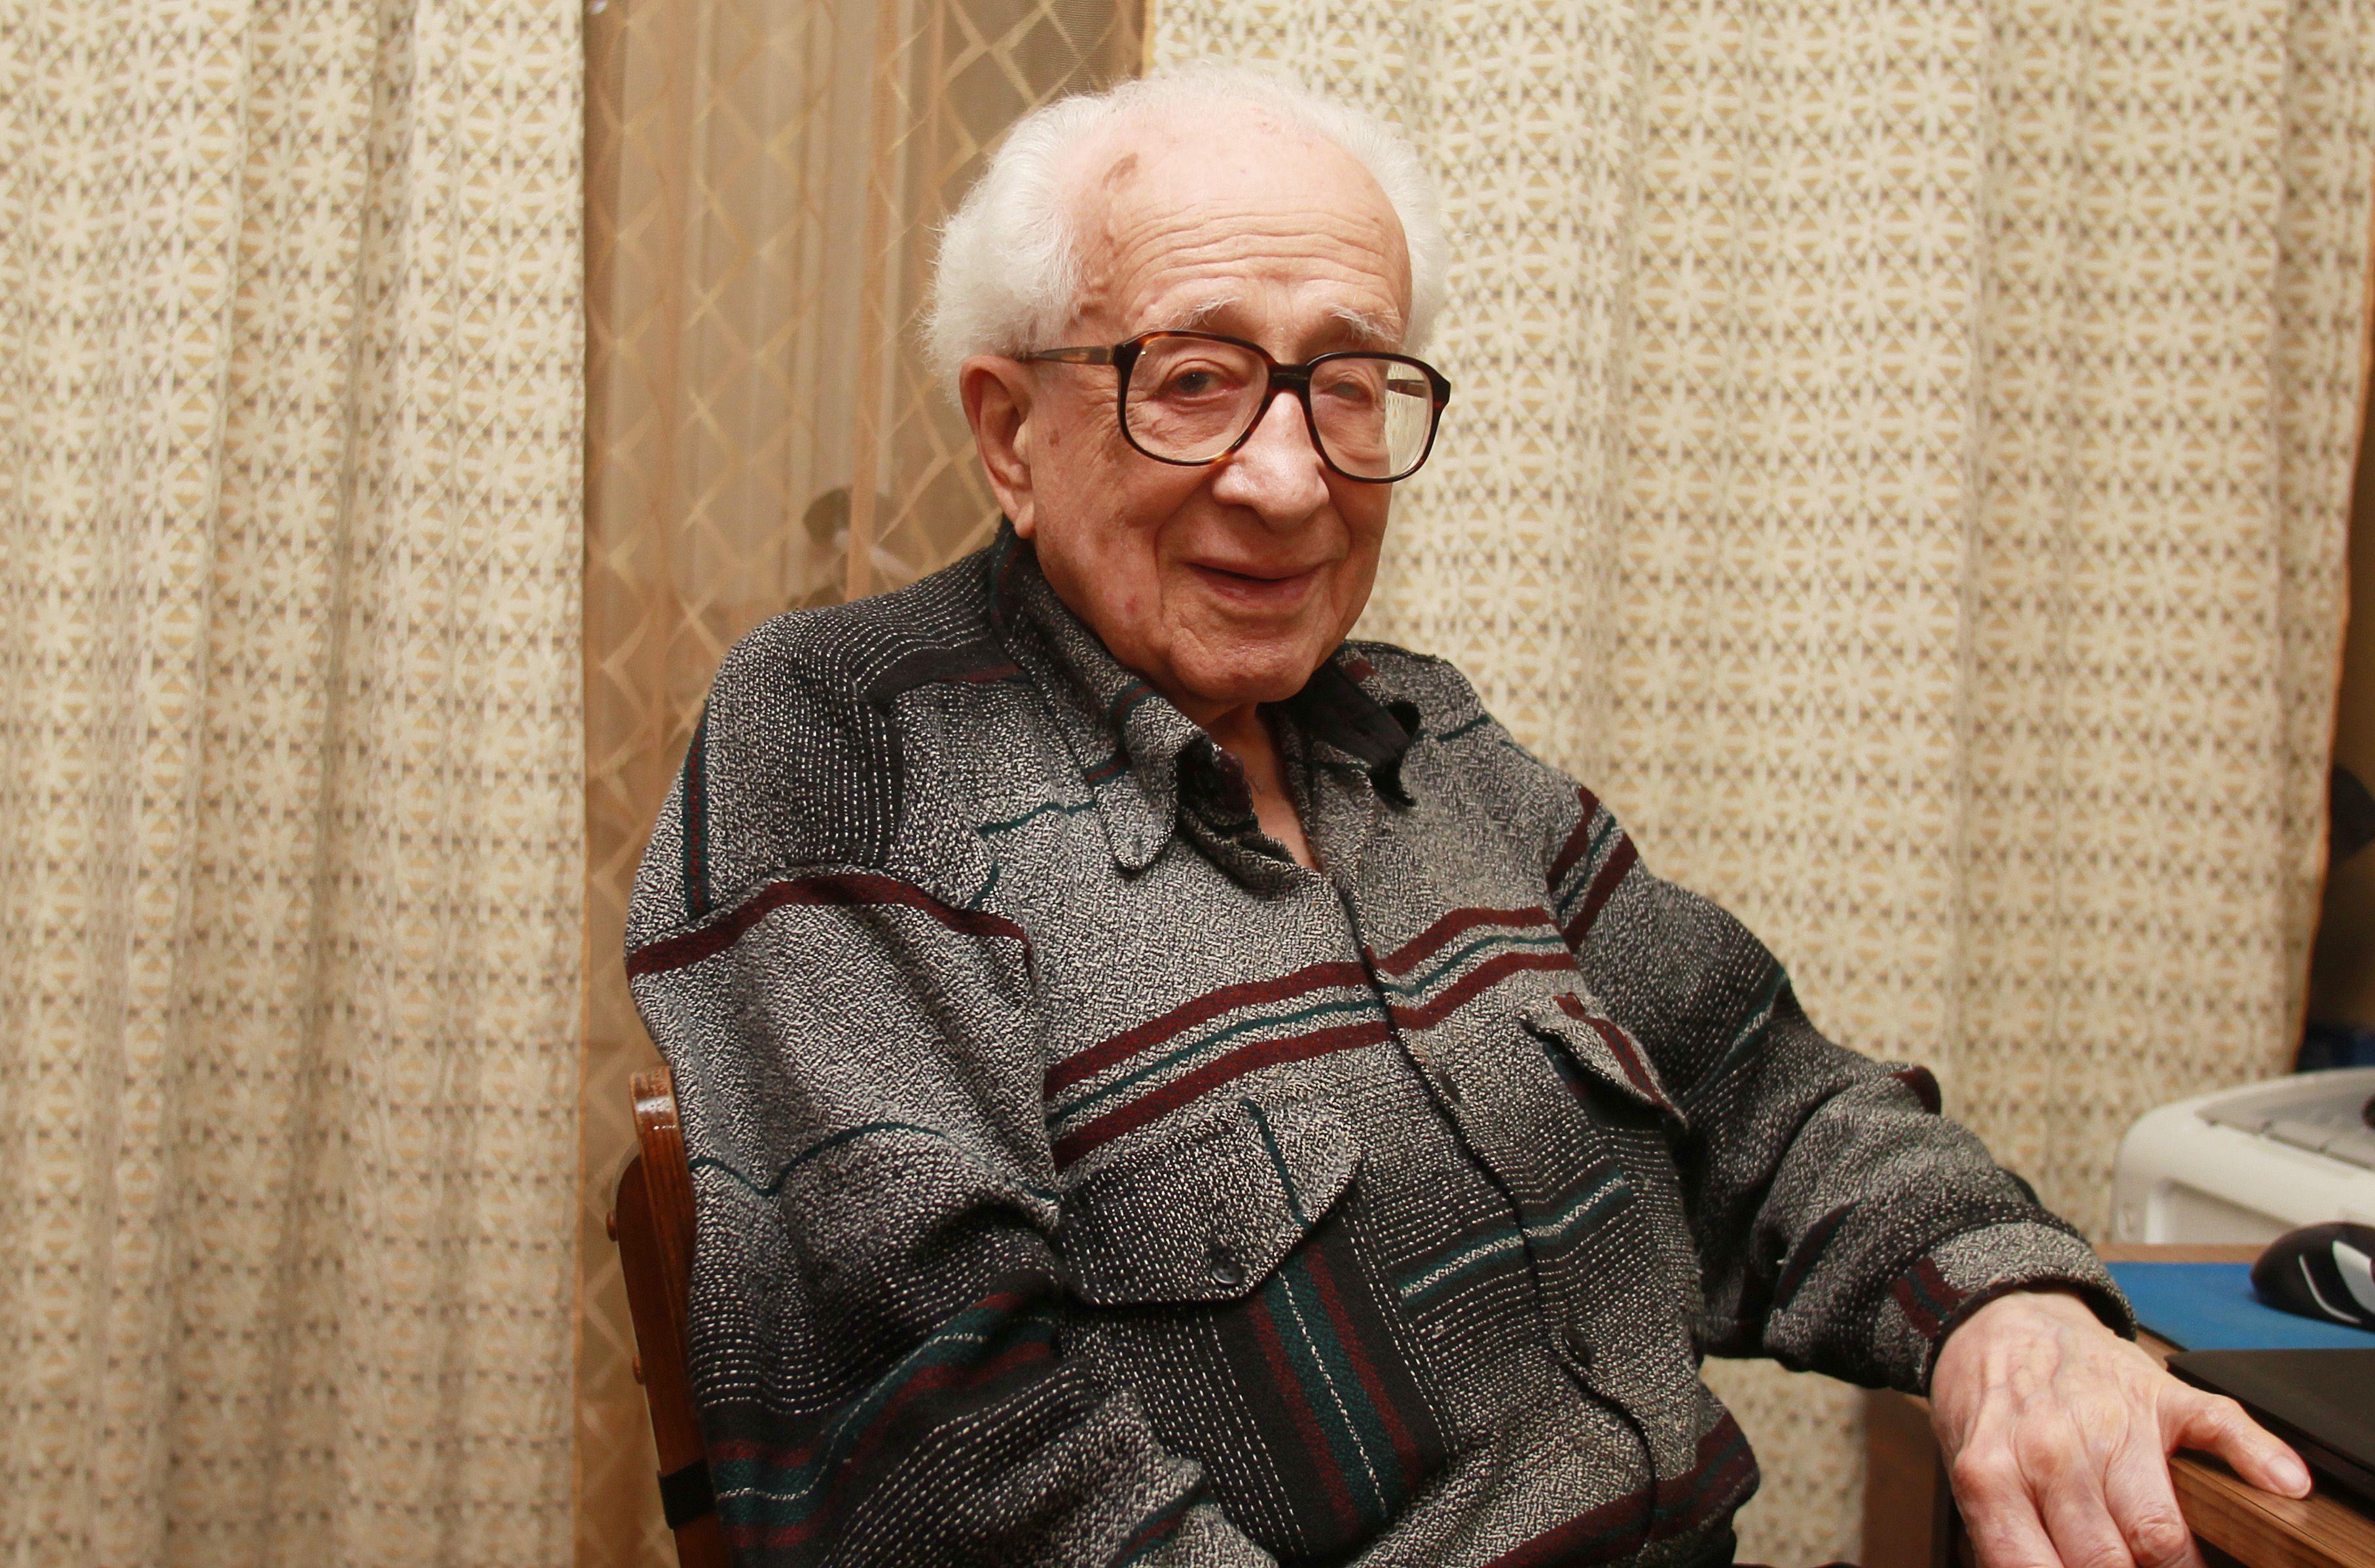 Ветеран Великой Отечественной войны Владимир Брагиснкий сейчас живет в районе Якиманка. Фото: Наталия Нечаева, «Вечерняя Москва»